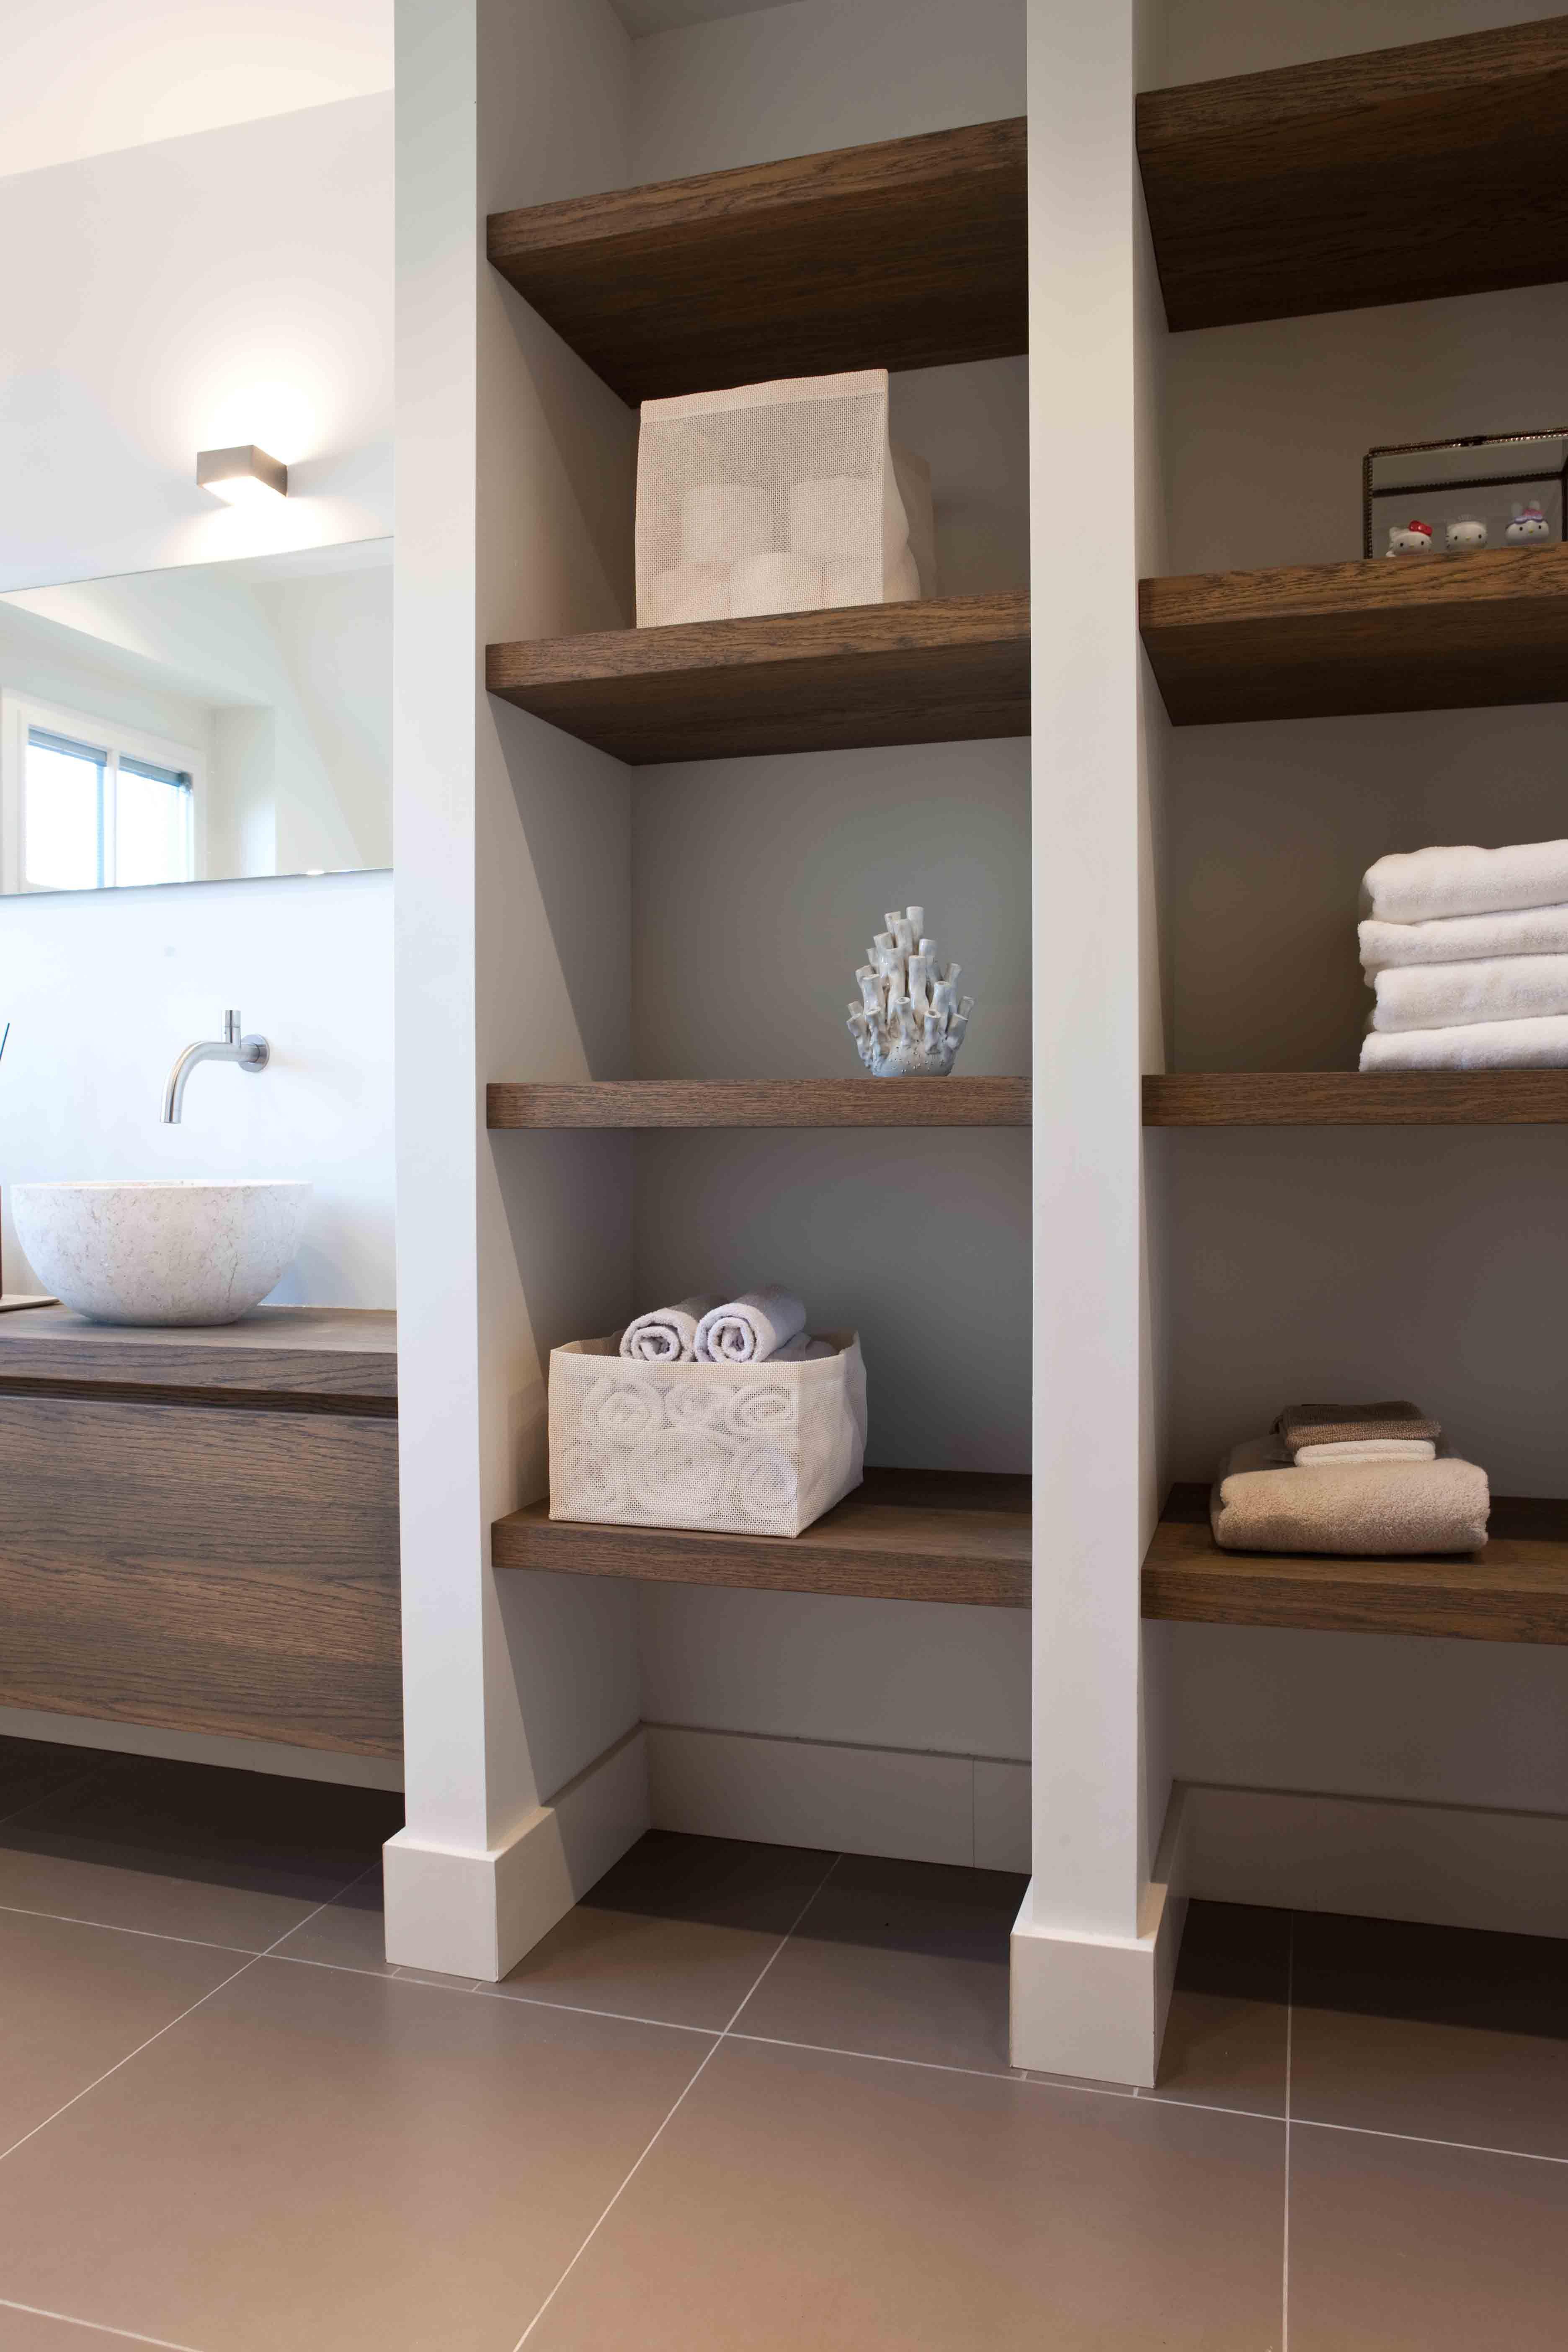 Pin De Karin96 Em Our Designs Ideias Para Casas De Banho Design Para Banheiro Decoracao Do Banheiro